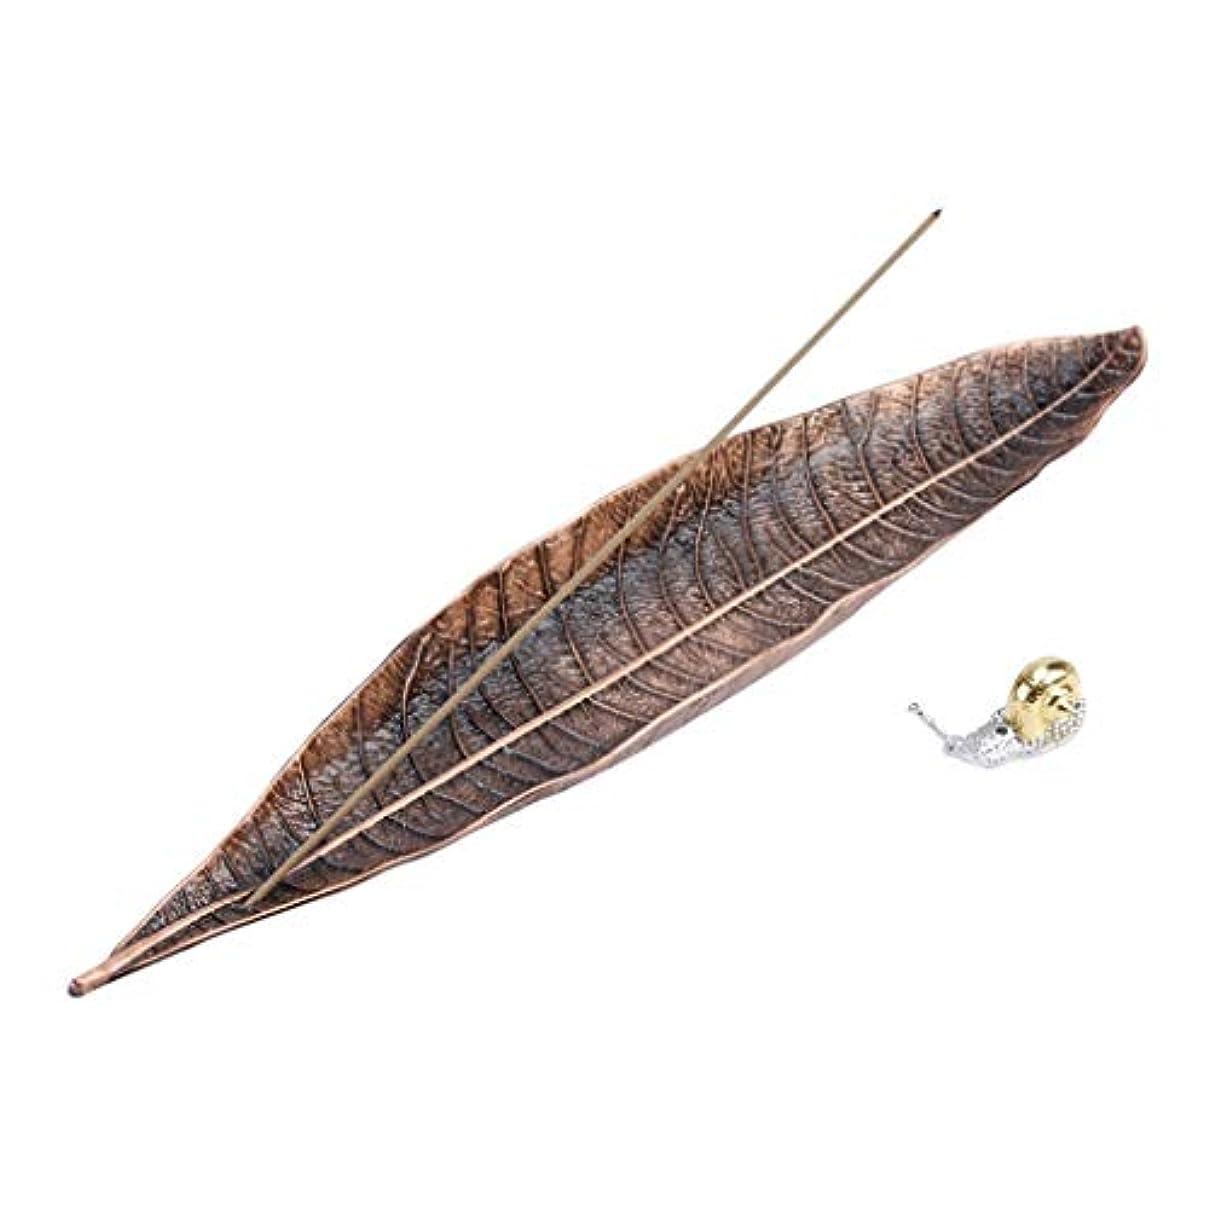 かりて予報刻む芳香器?アロマバーナー カタツムリの香の棒のホールダーの家の装飾の付属品が付いている葉の香のホールダーの灰のキャッチャーの長い香バーナー アロマバーナー芳香器 (Color : A)